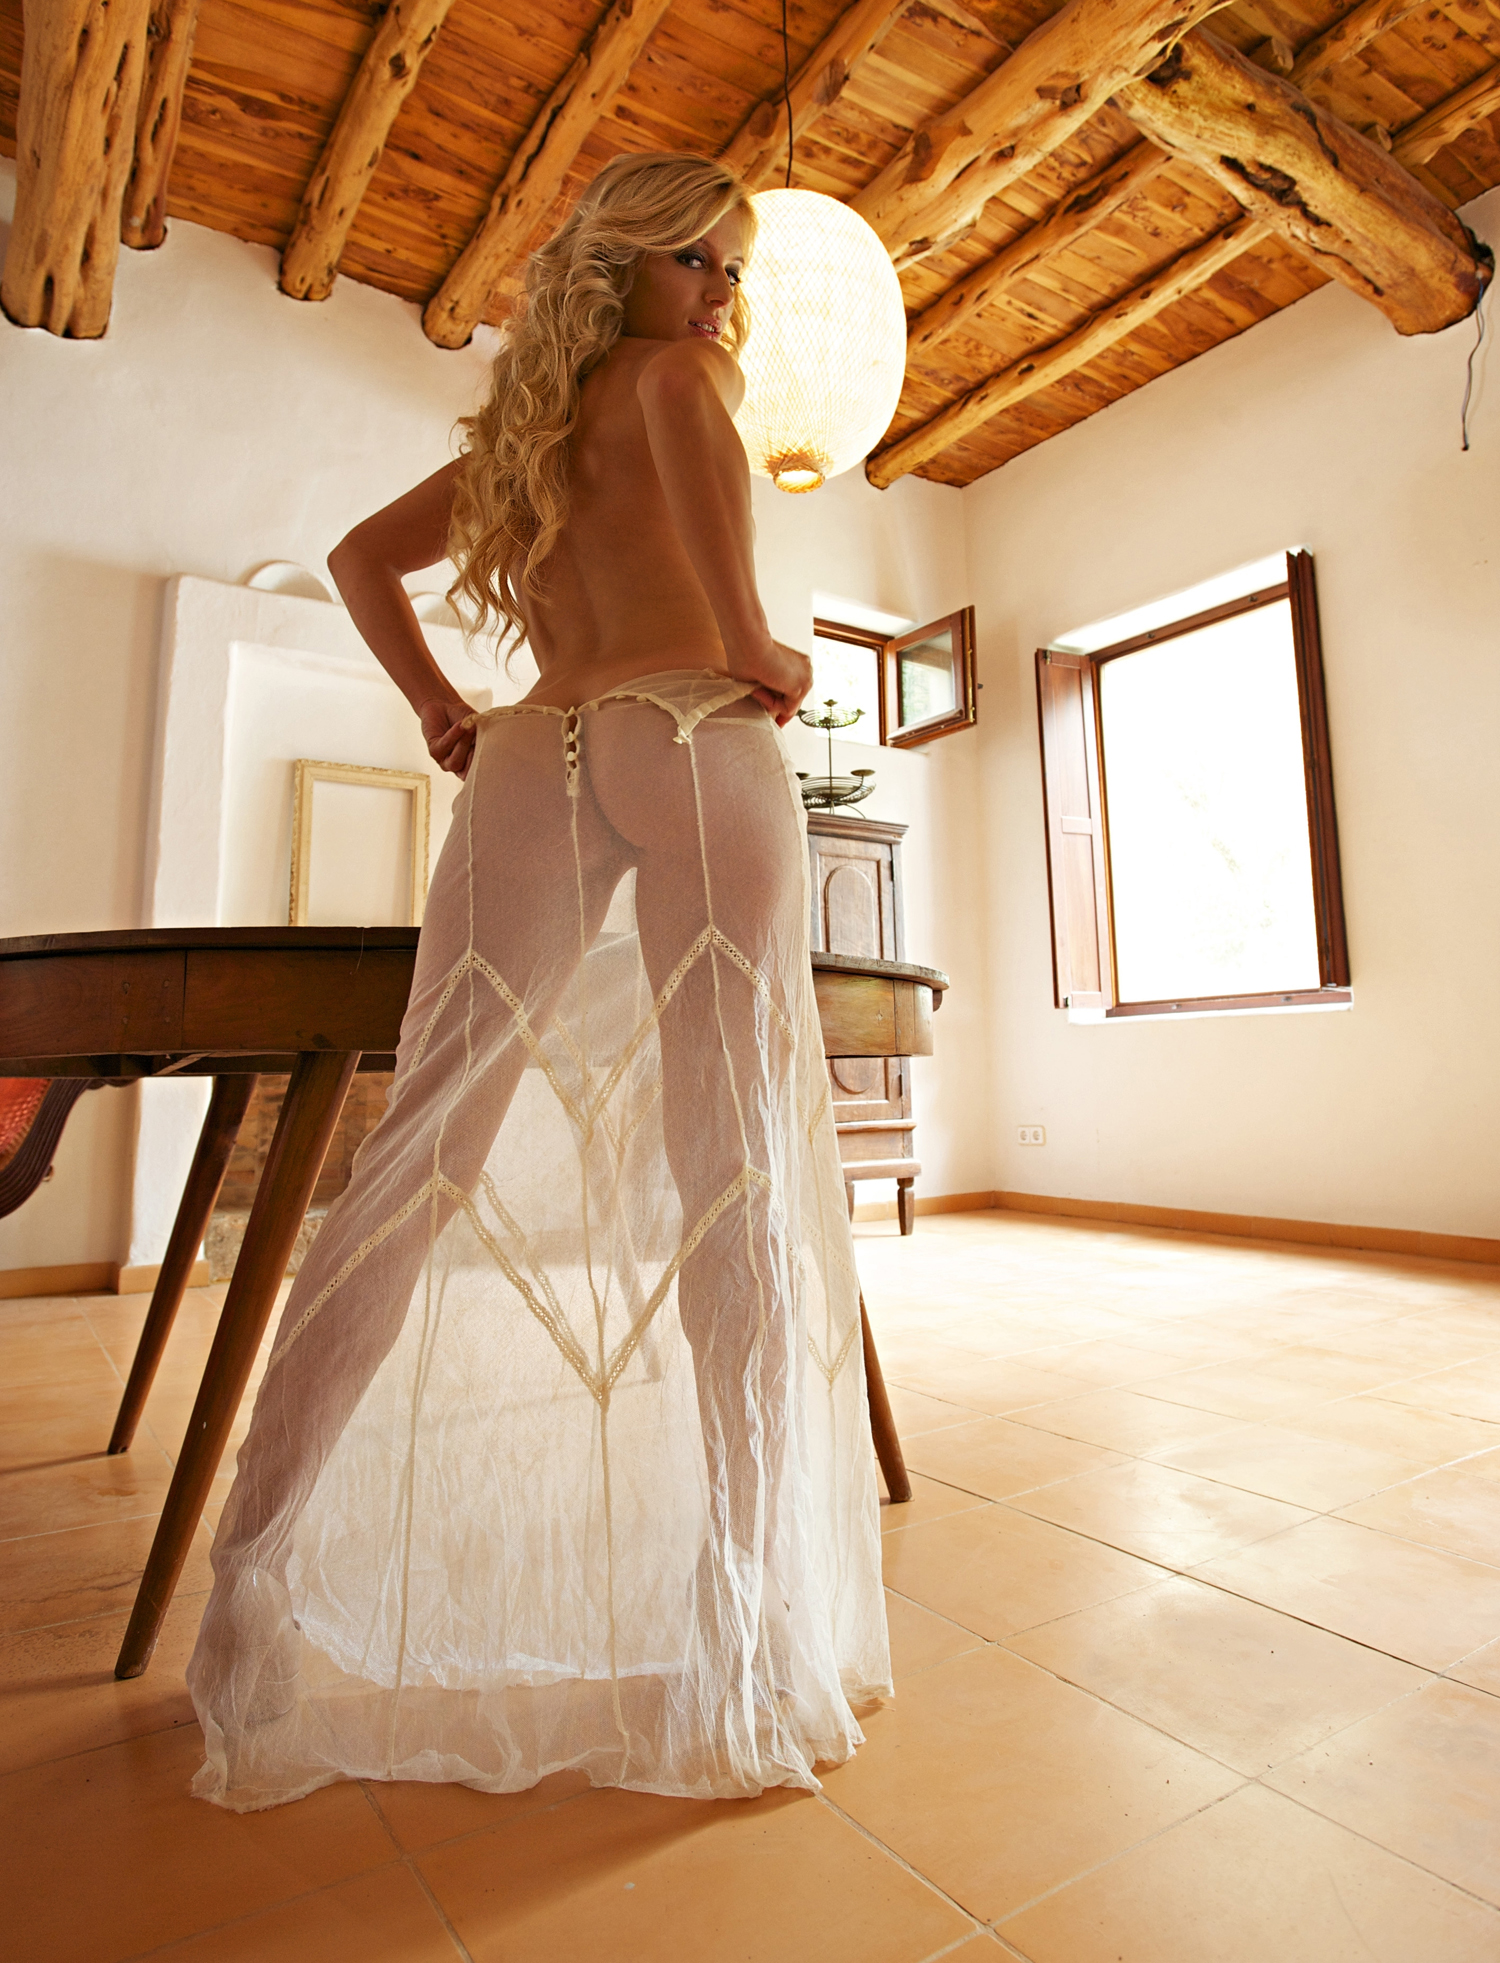 Juliette Greco Nackt. Foto - 57